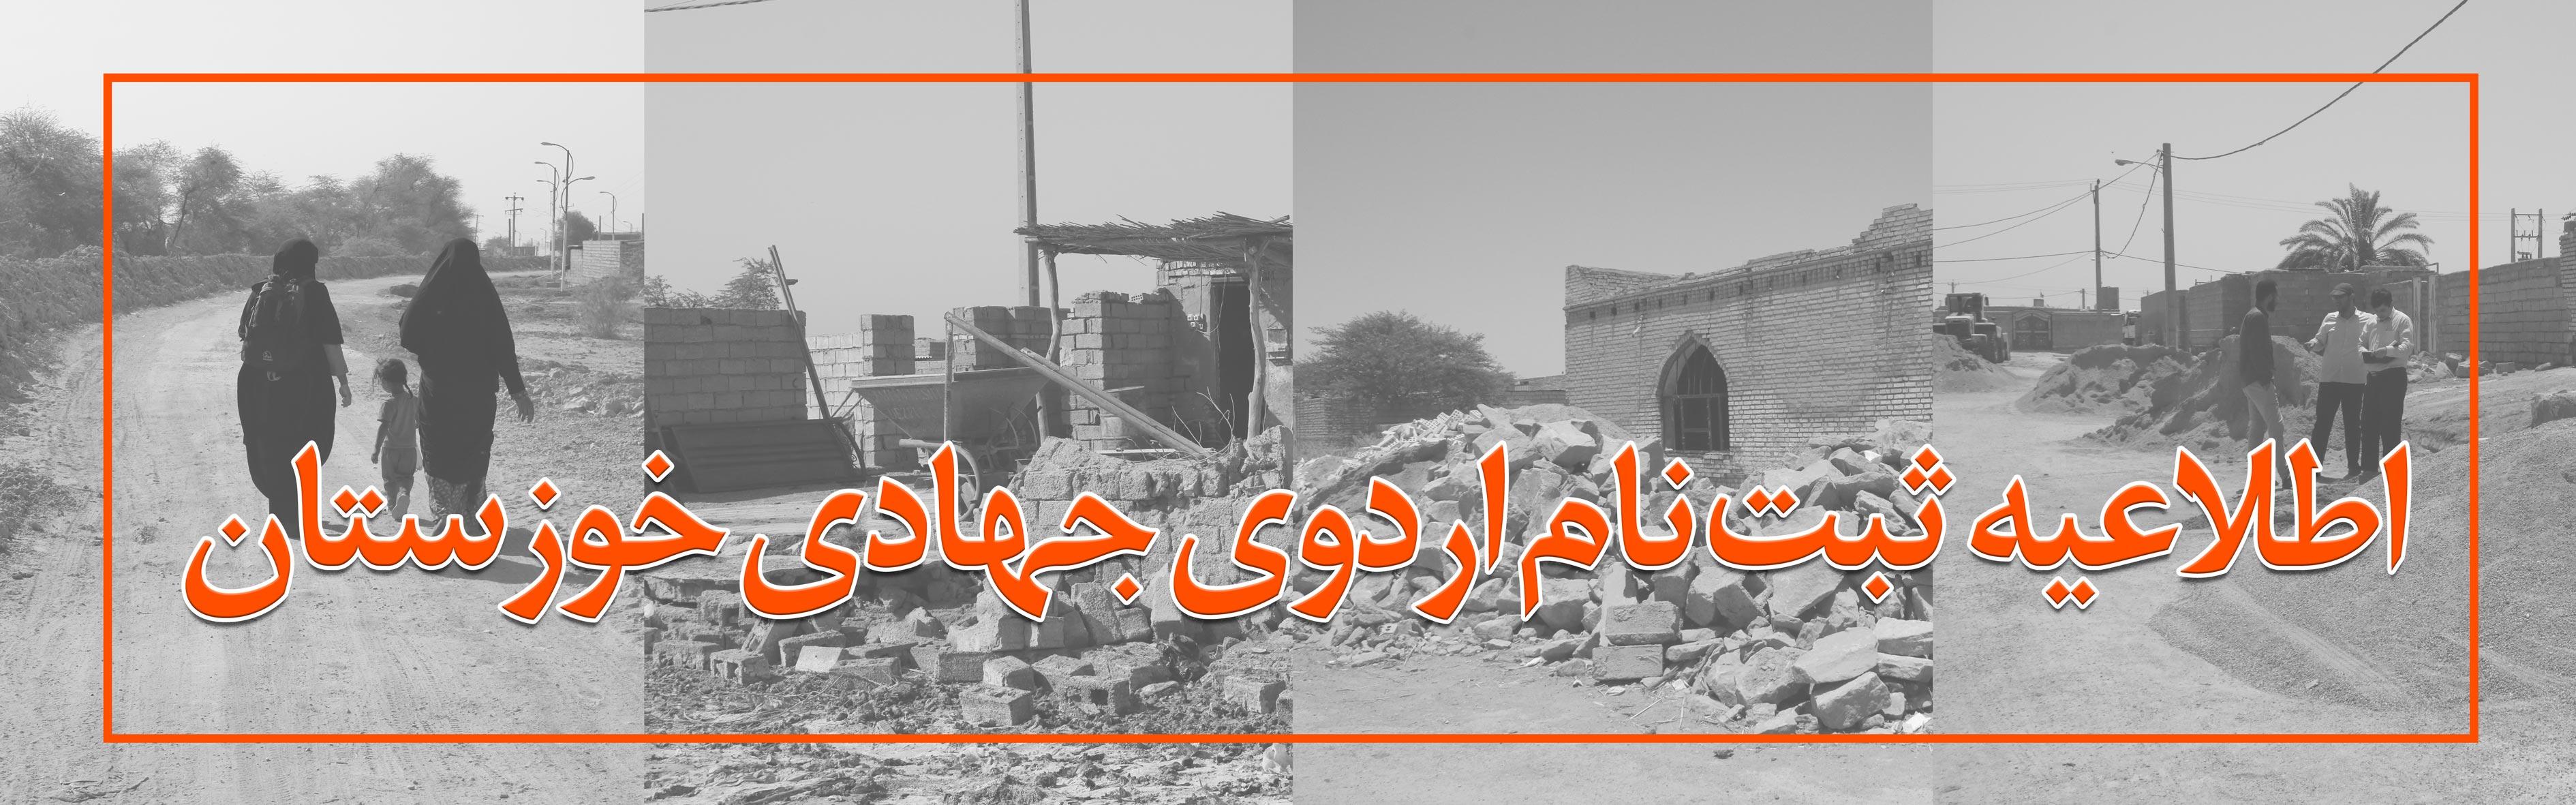 اطلاعیه نام نویسی اردوی جهادی خوزستان